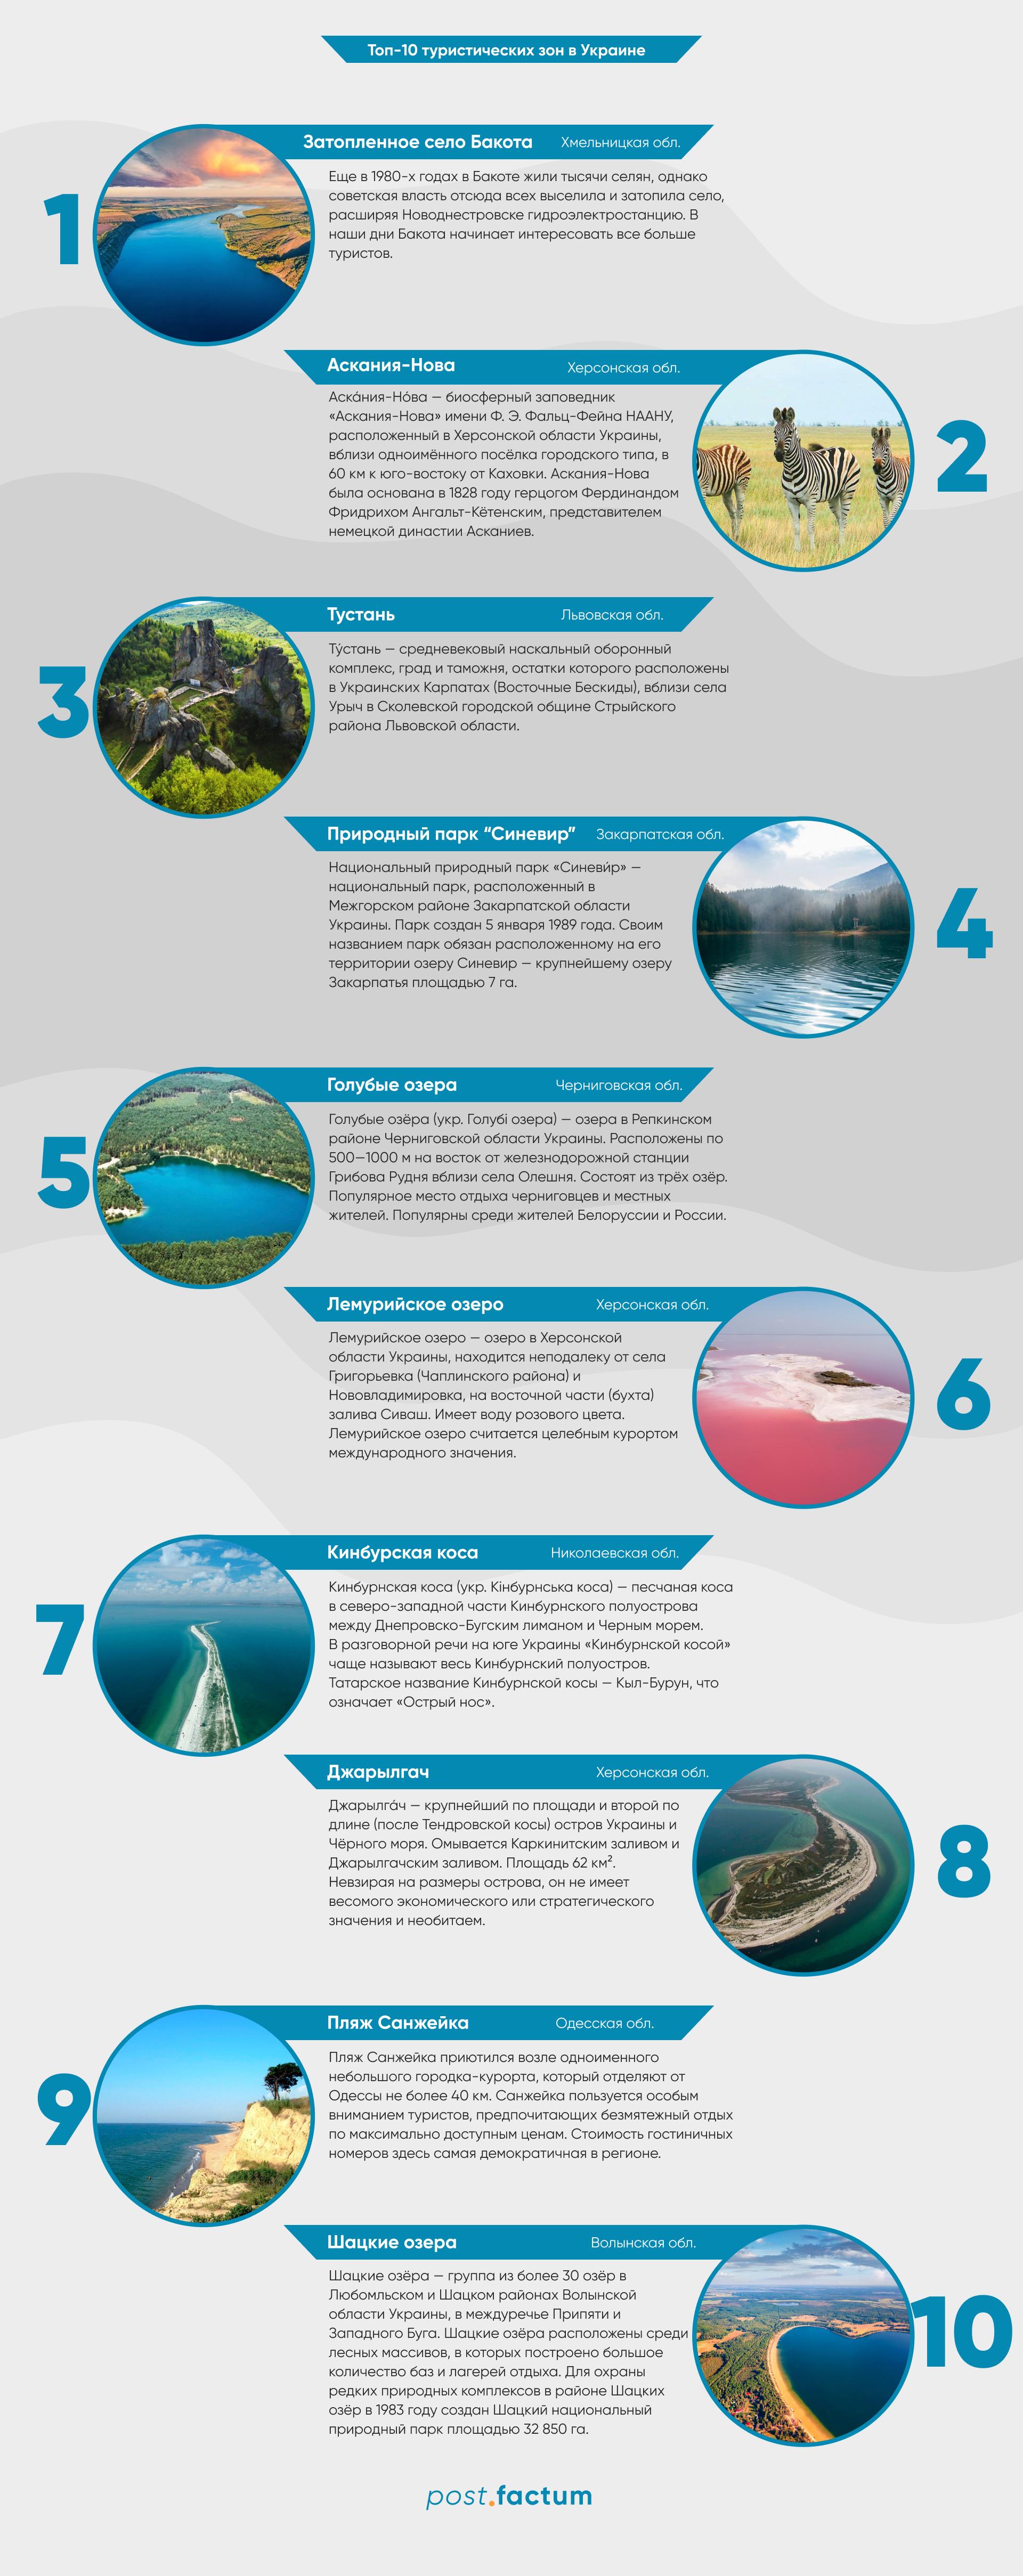 Инфографика: самые популярные туристические места в Украине — фото 1